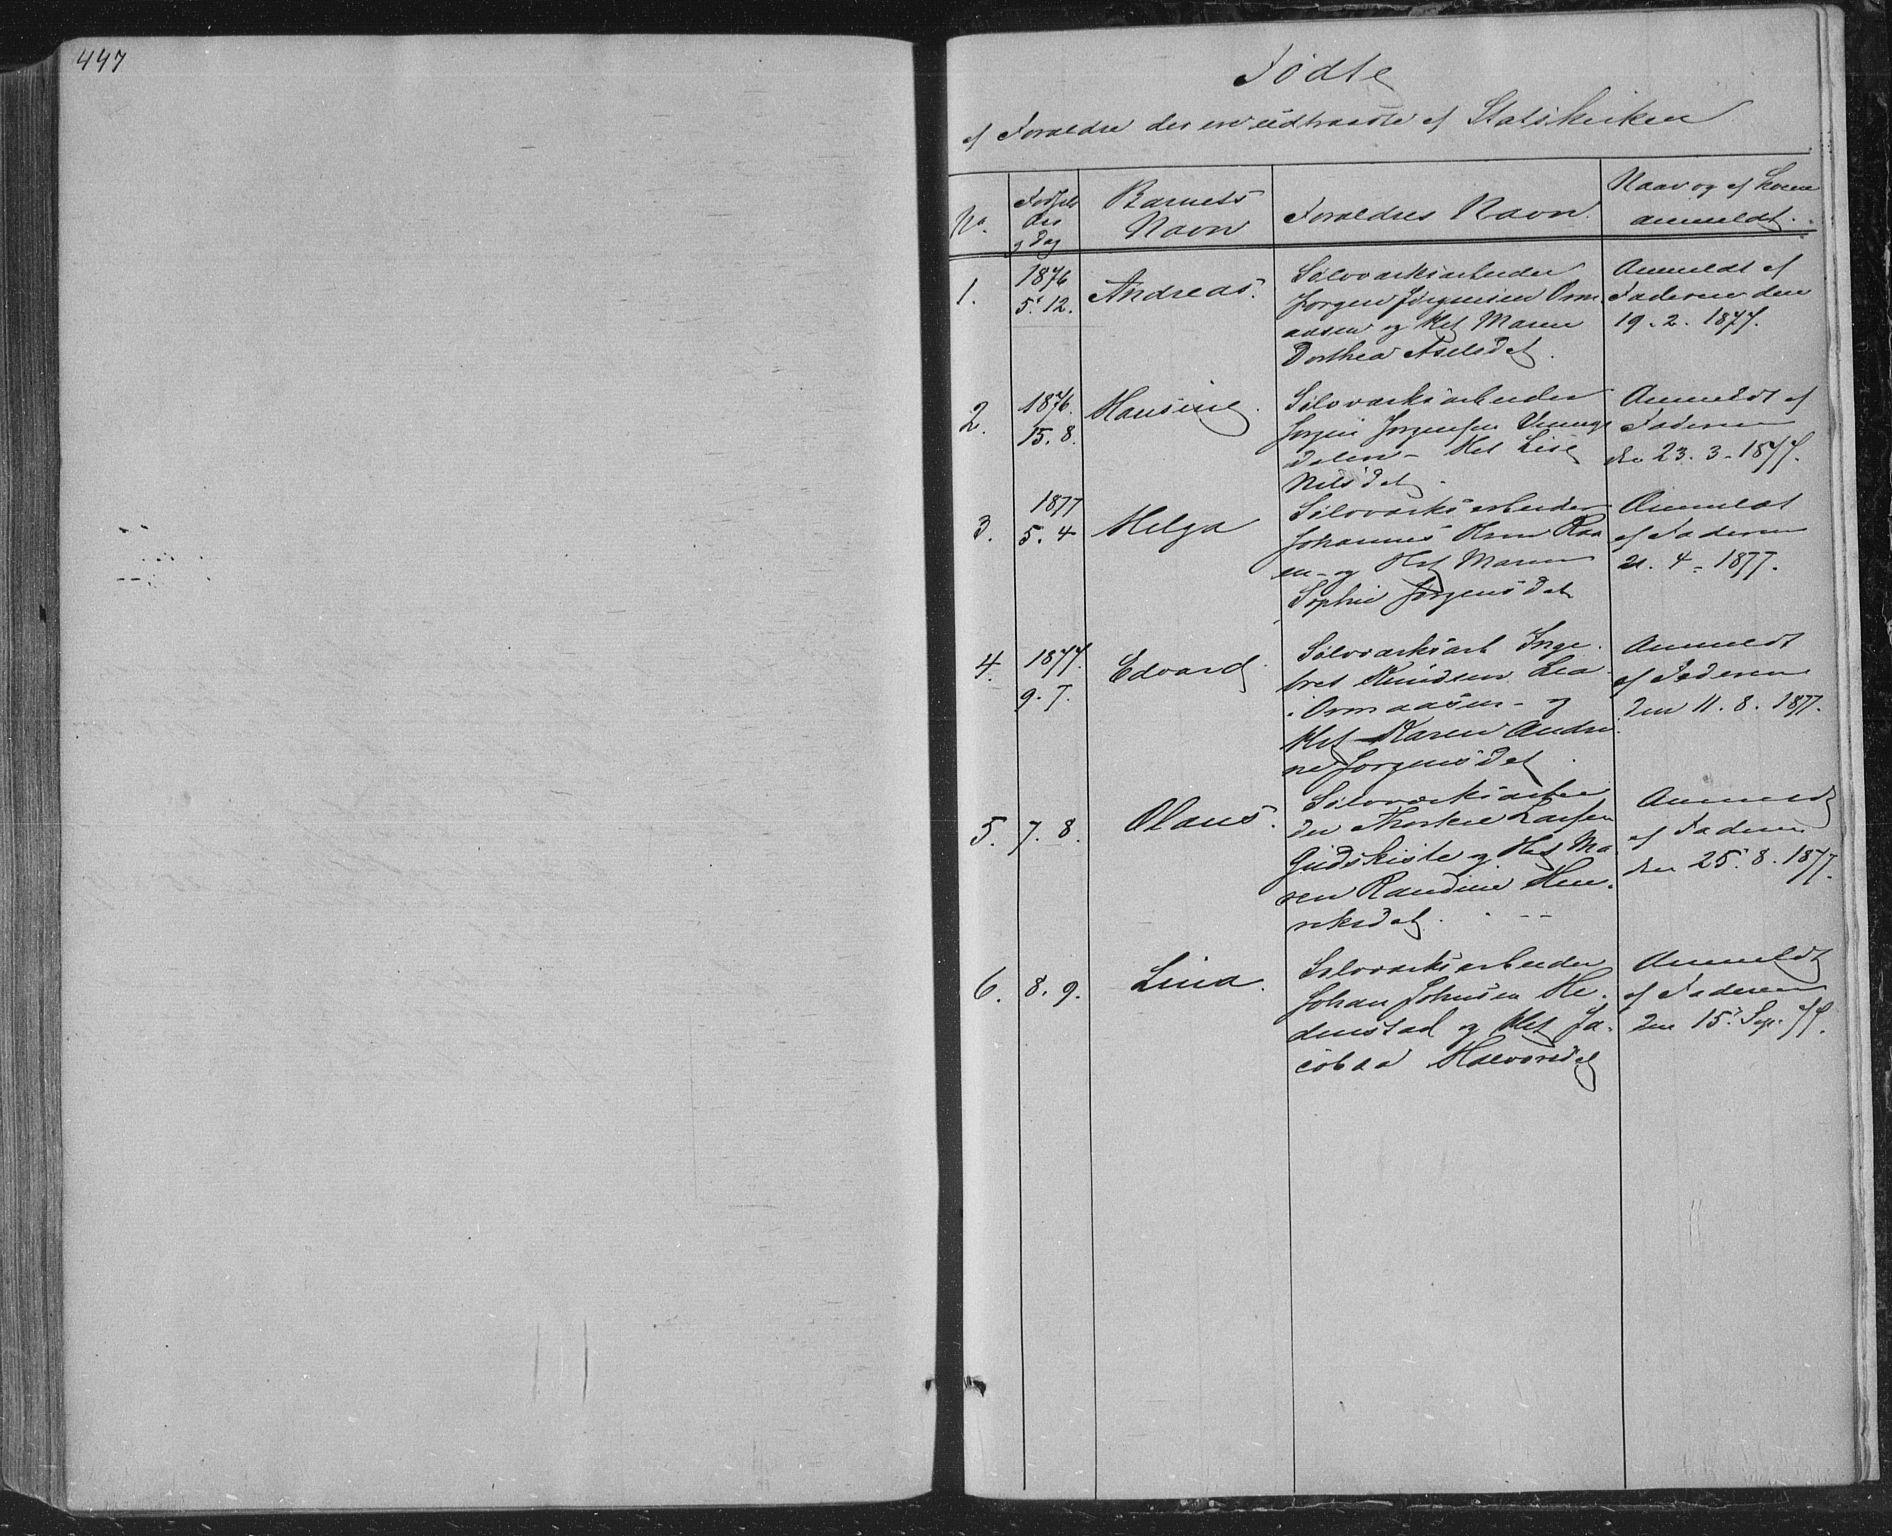 SAKO, Sandsvær kirkebøker, F/Fa/L0007: Ministerialbok nr. I 7, 1869-1877, s. 447